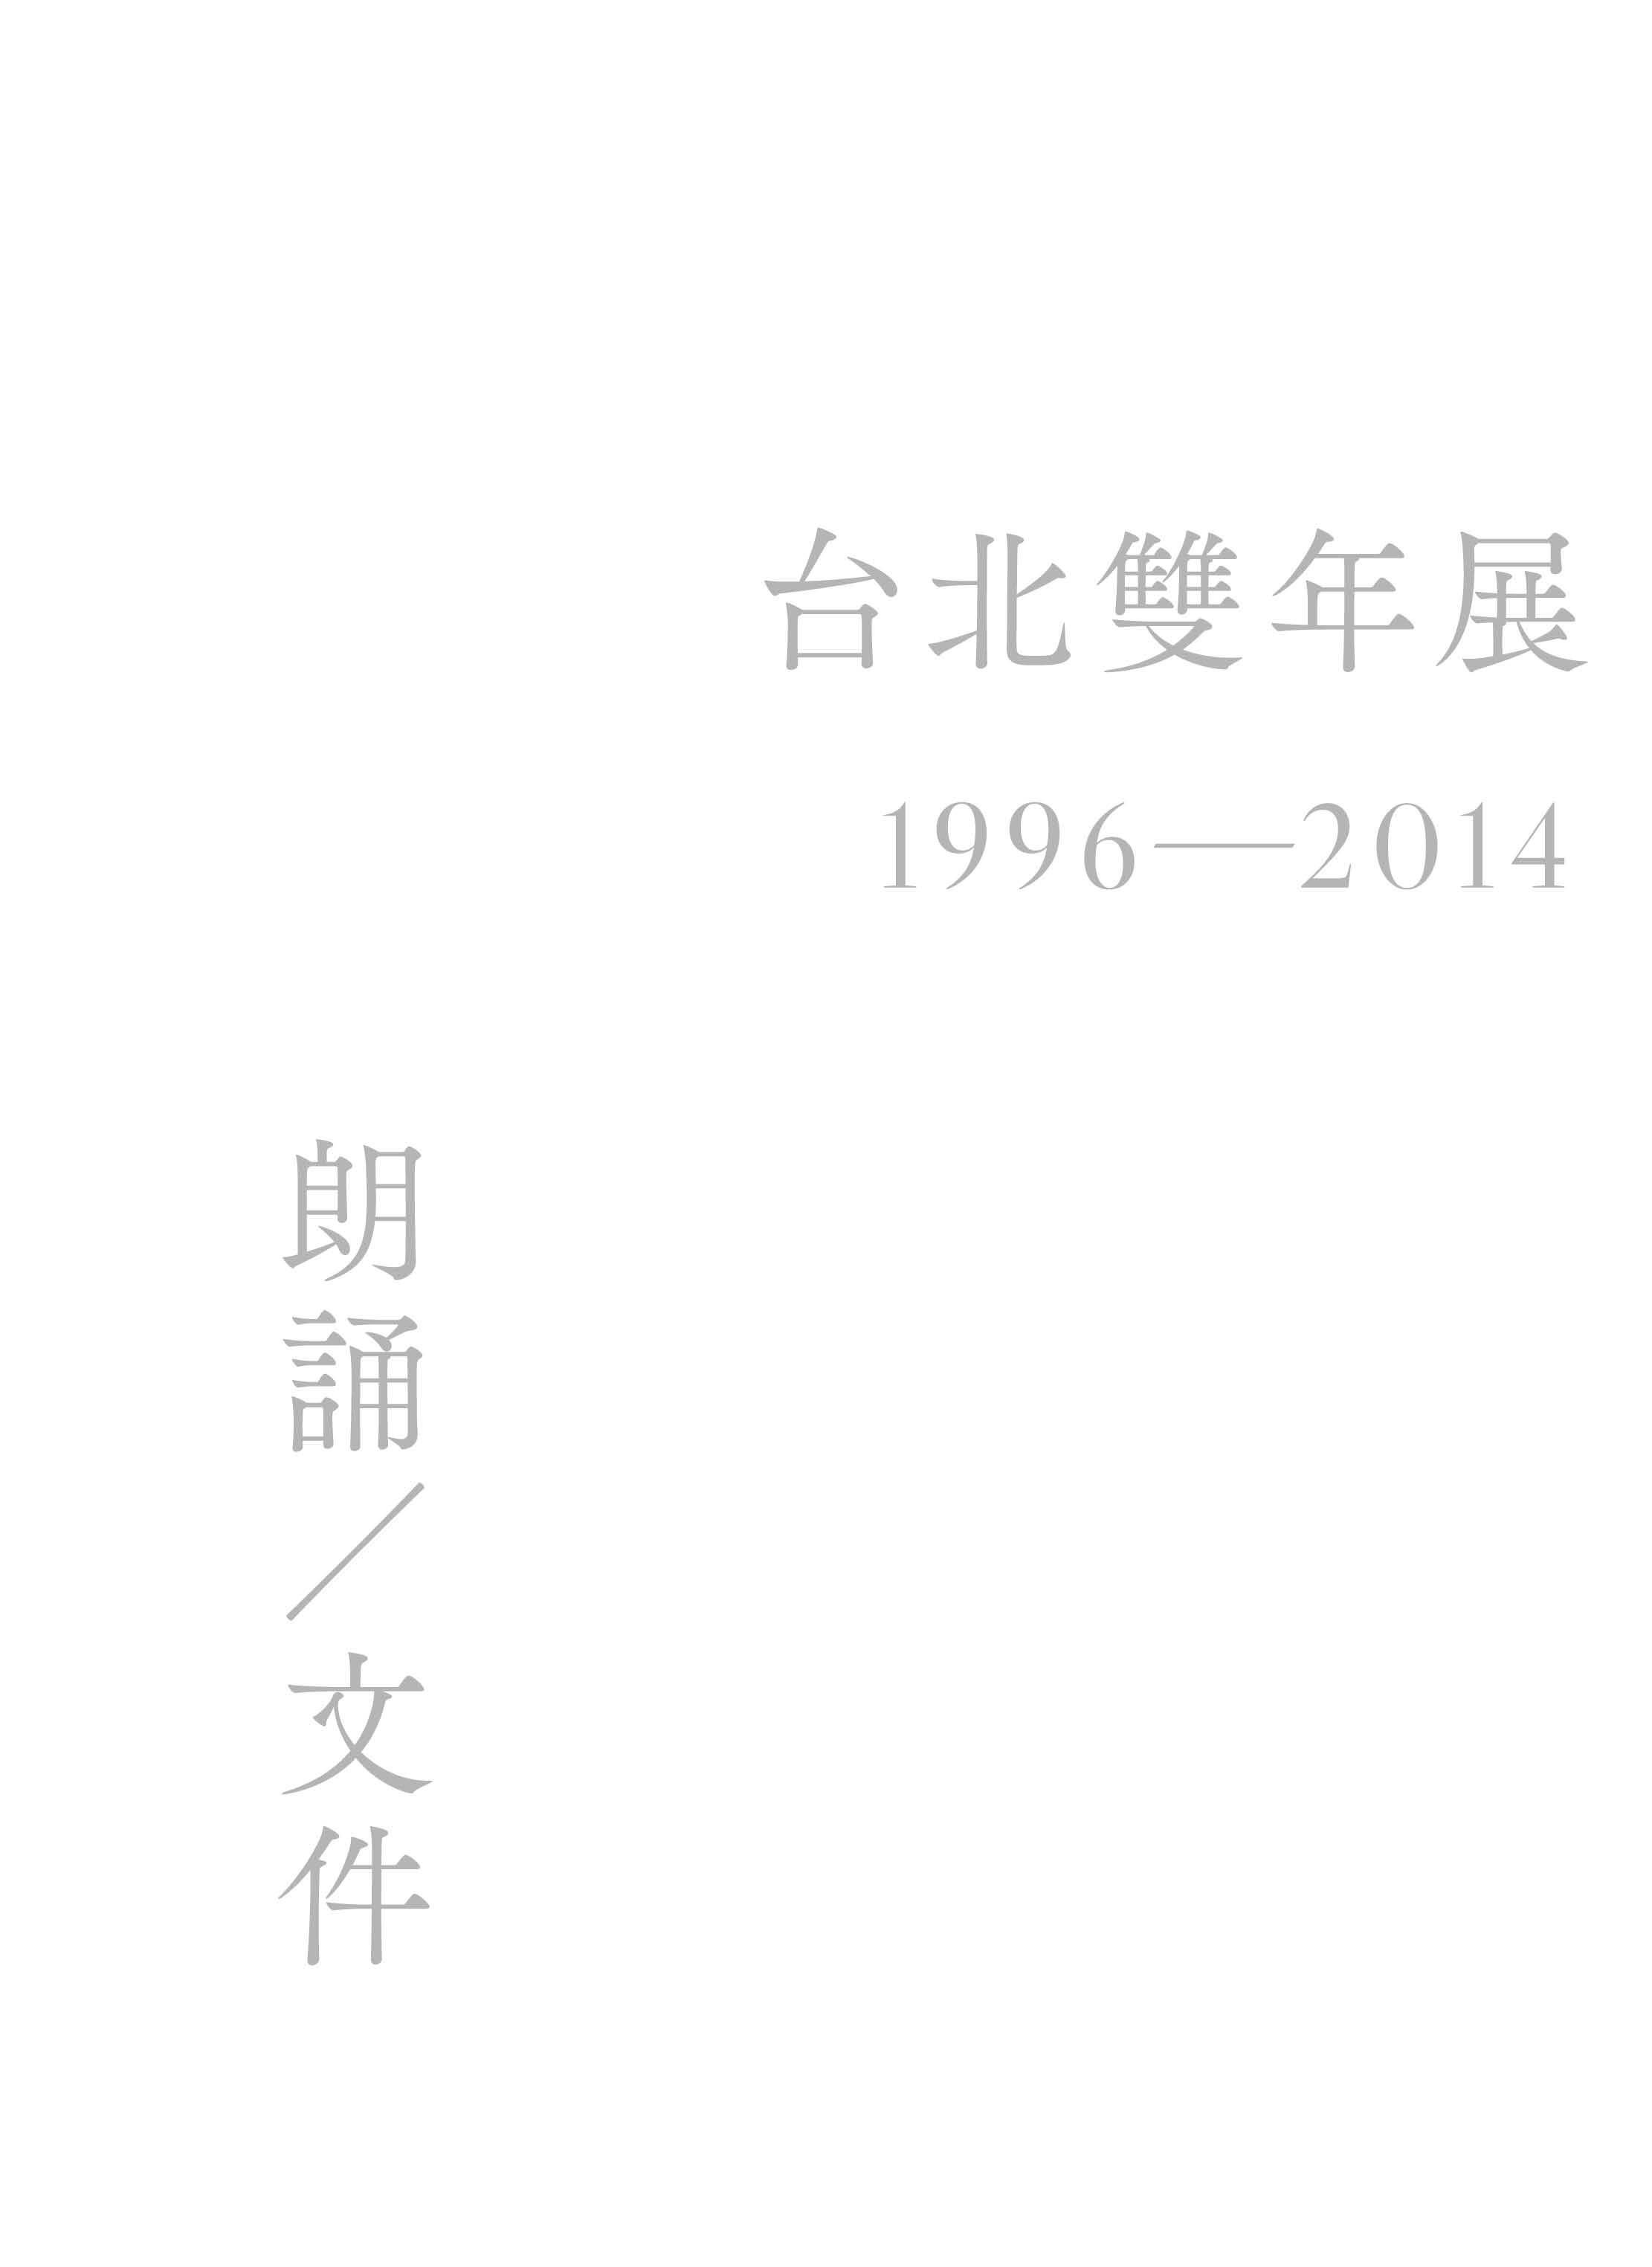 朗誦/文件:台北雙年展1996-2014